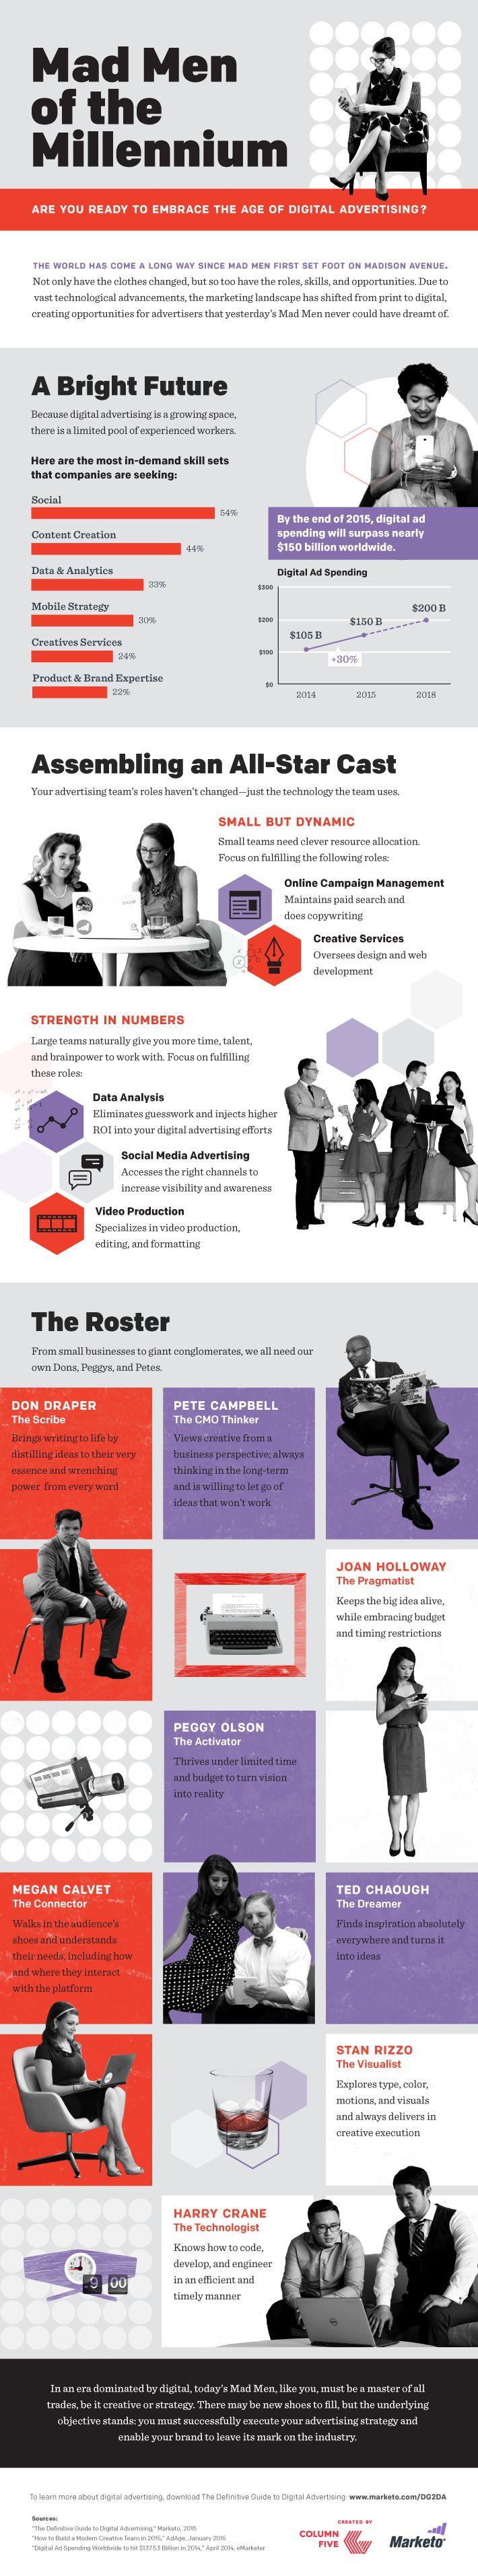 best Marketing Nerd images on Pinterest  Social media marketing